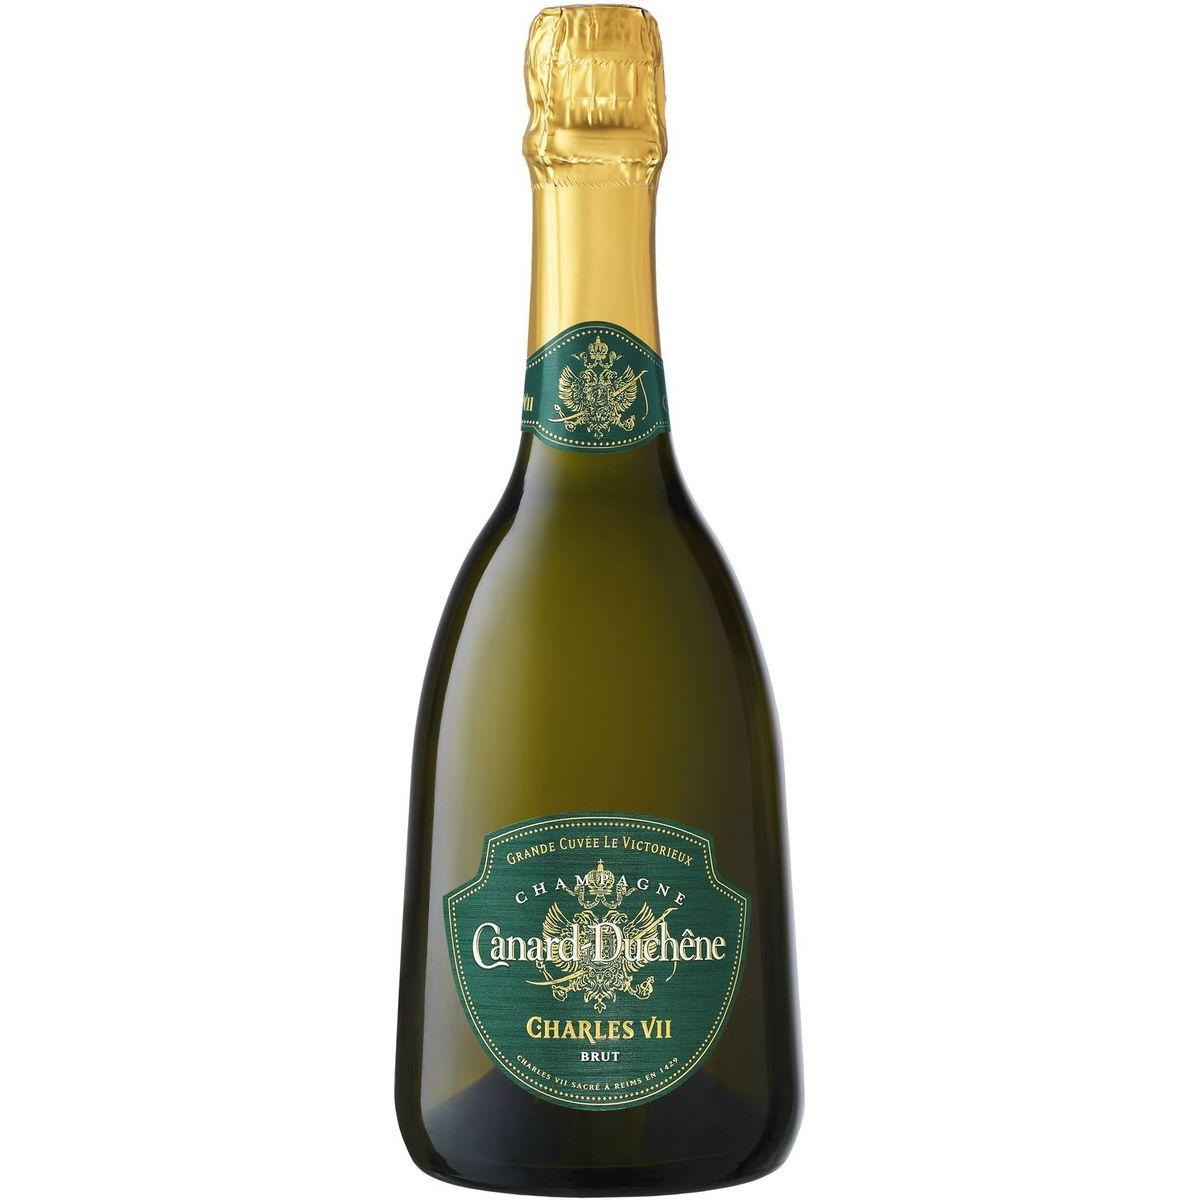 AOP Champagne brut cuvée Charles VII